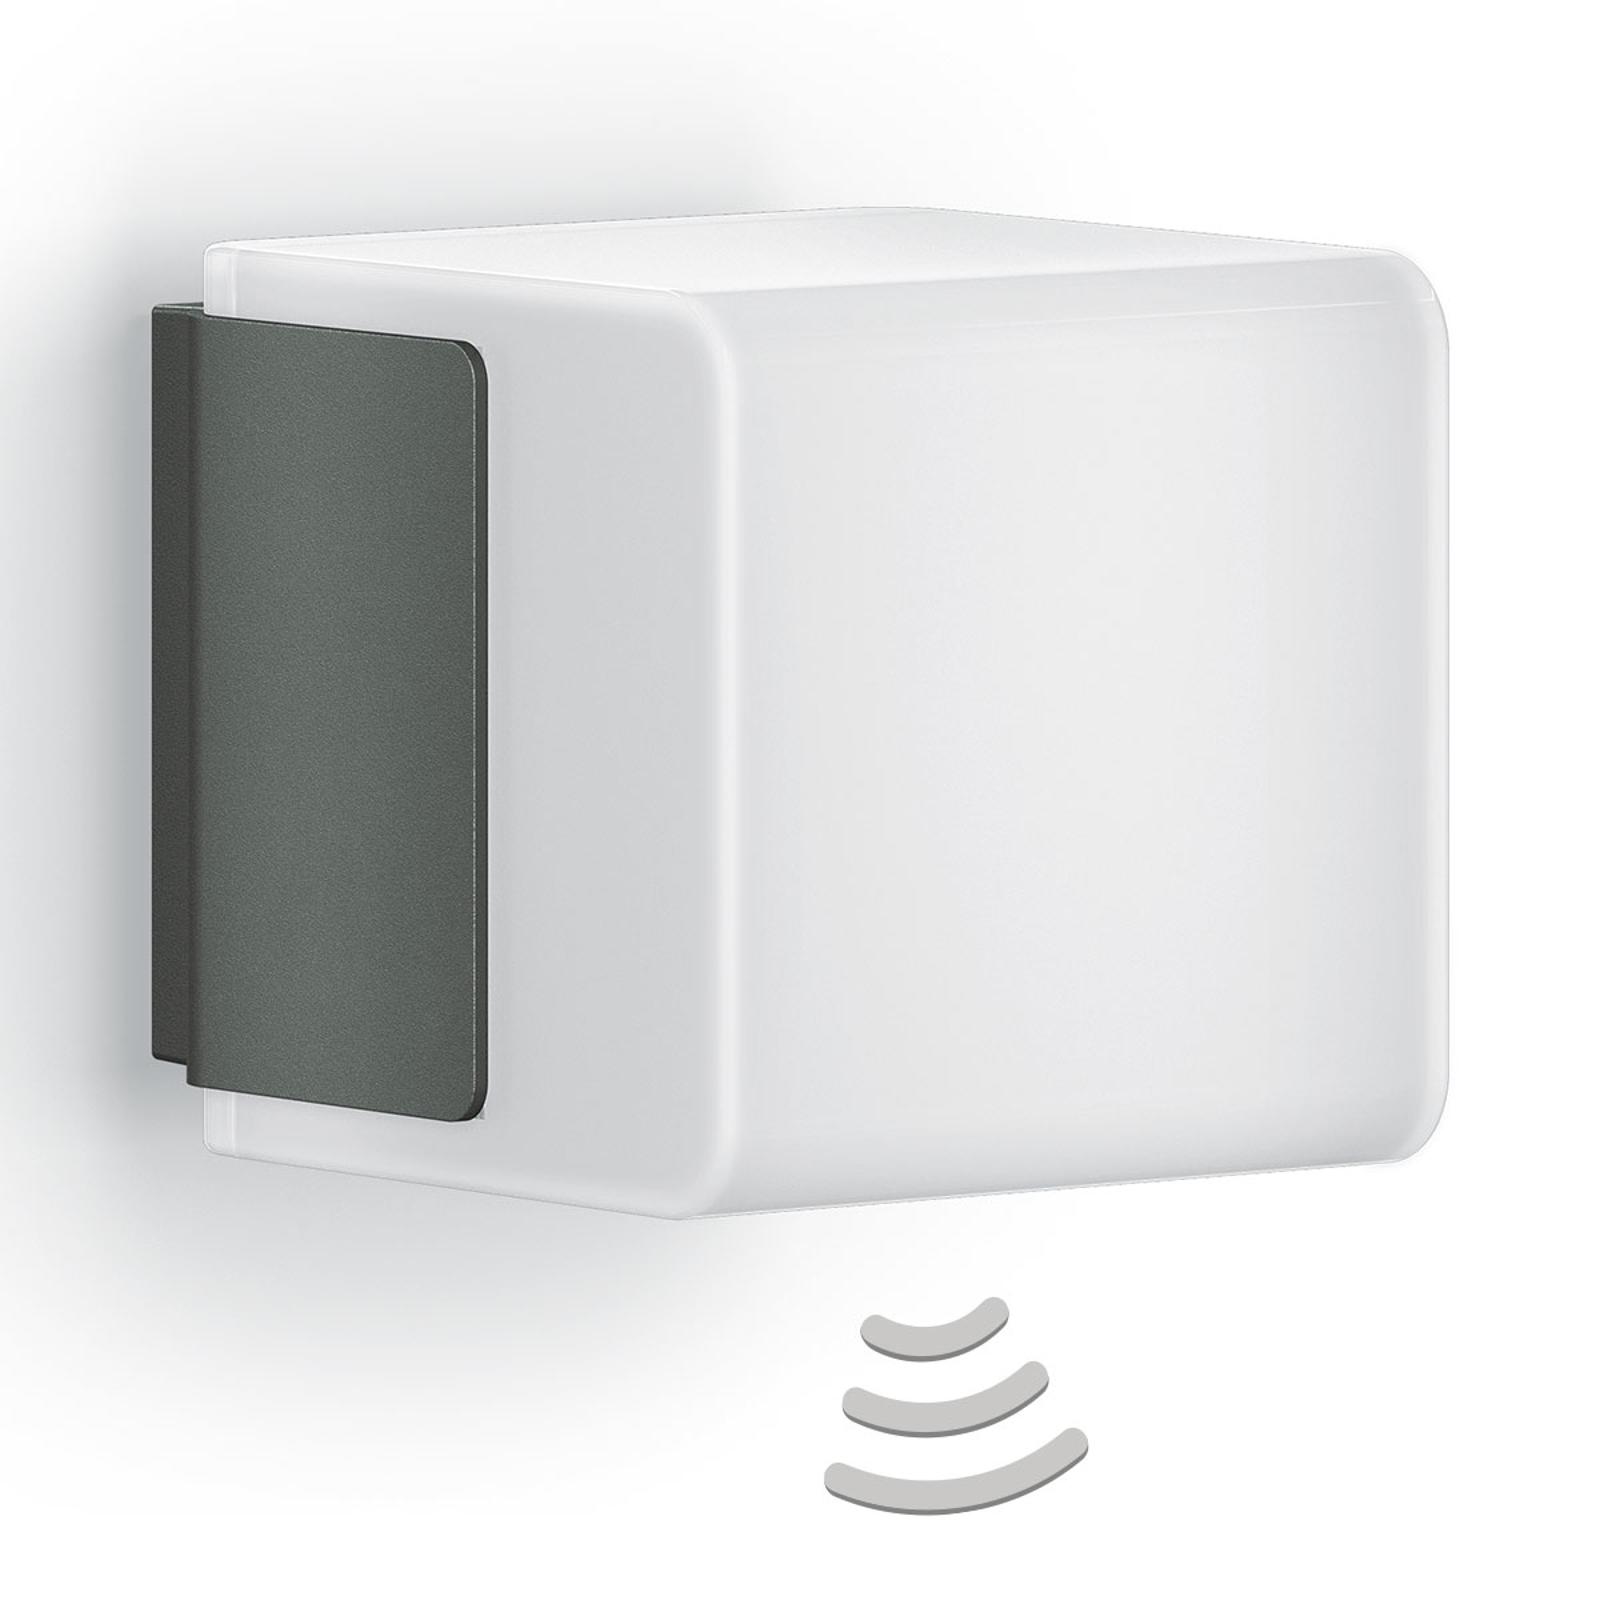 STEINEL L 835 iHF Cubo kinkiet zewnętrzny antracyt